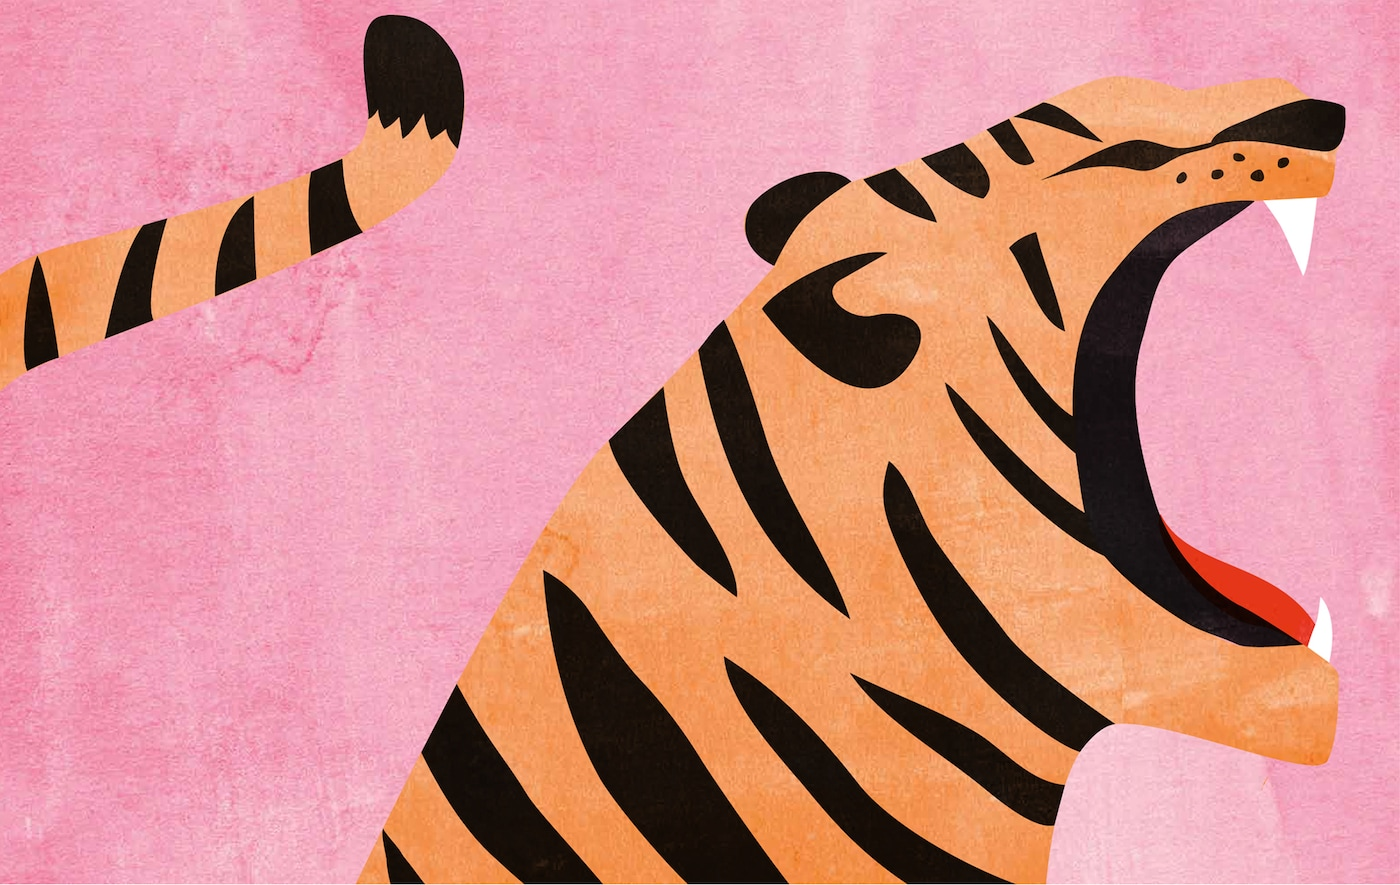 Kuva tiikeristä vaaleanpunaisella taustalla